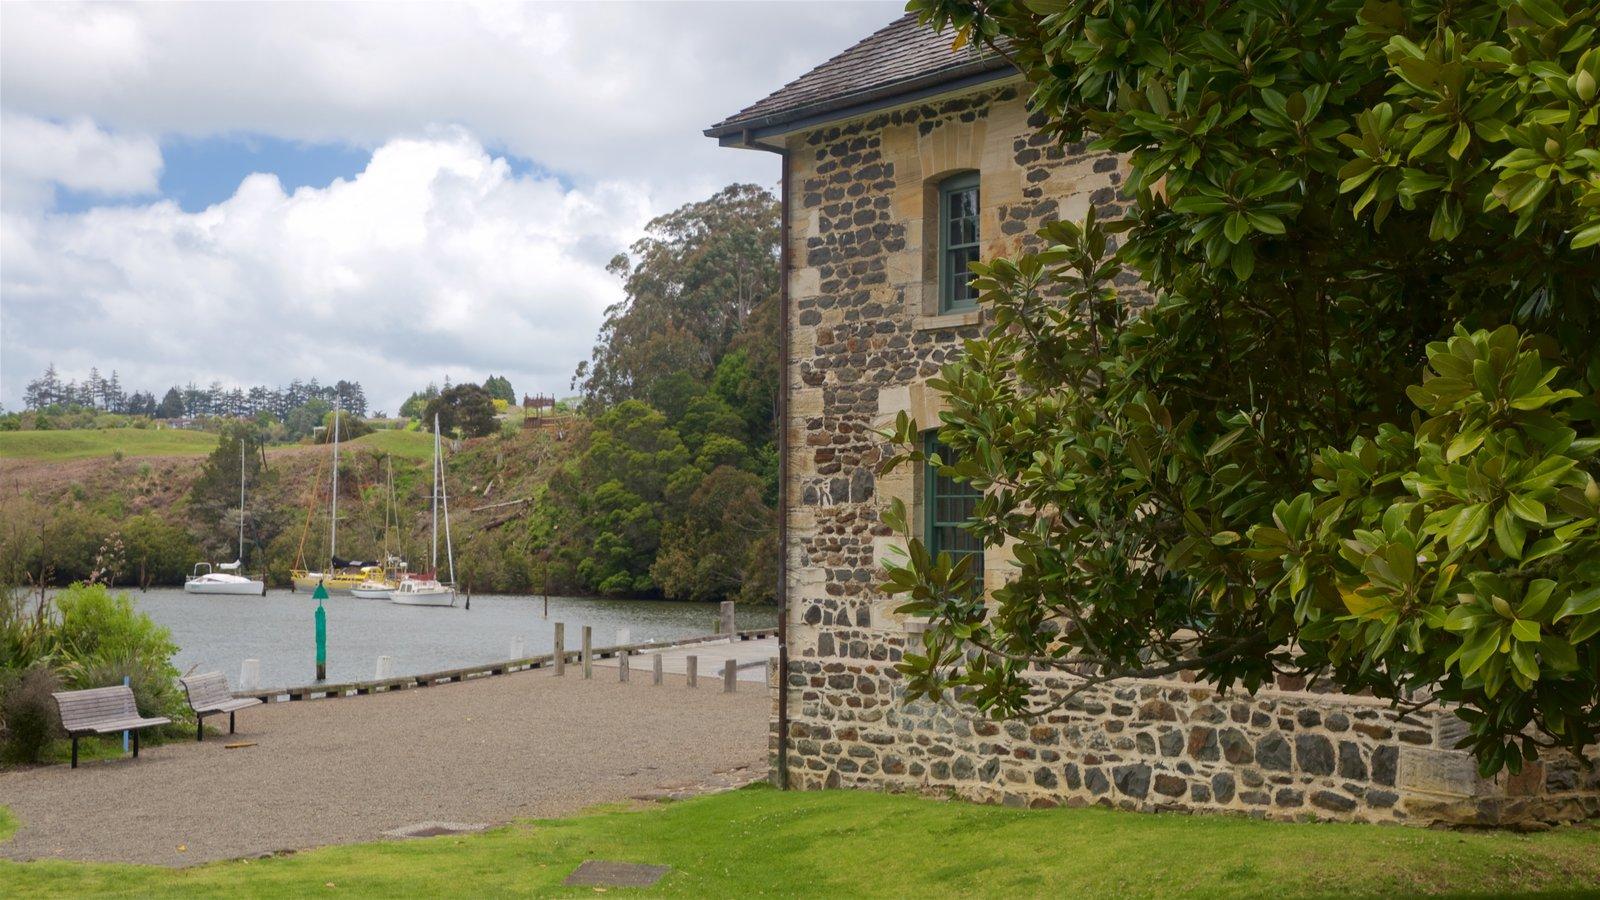 Stone Store que incluye una bahía o puerto y un lago o abrevadero